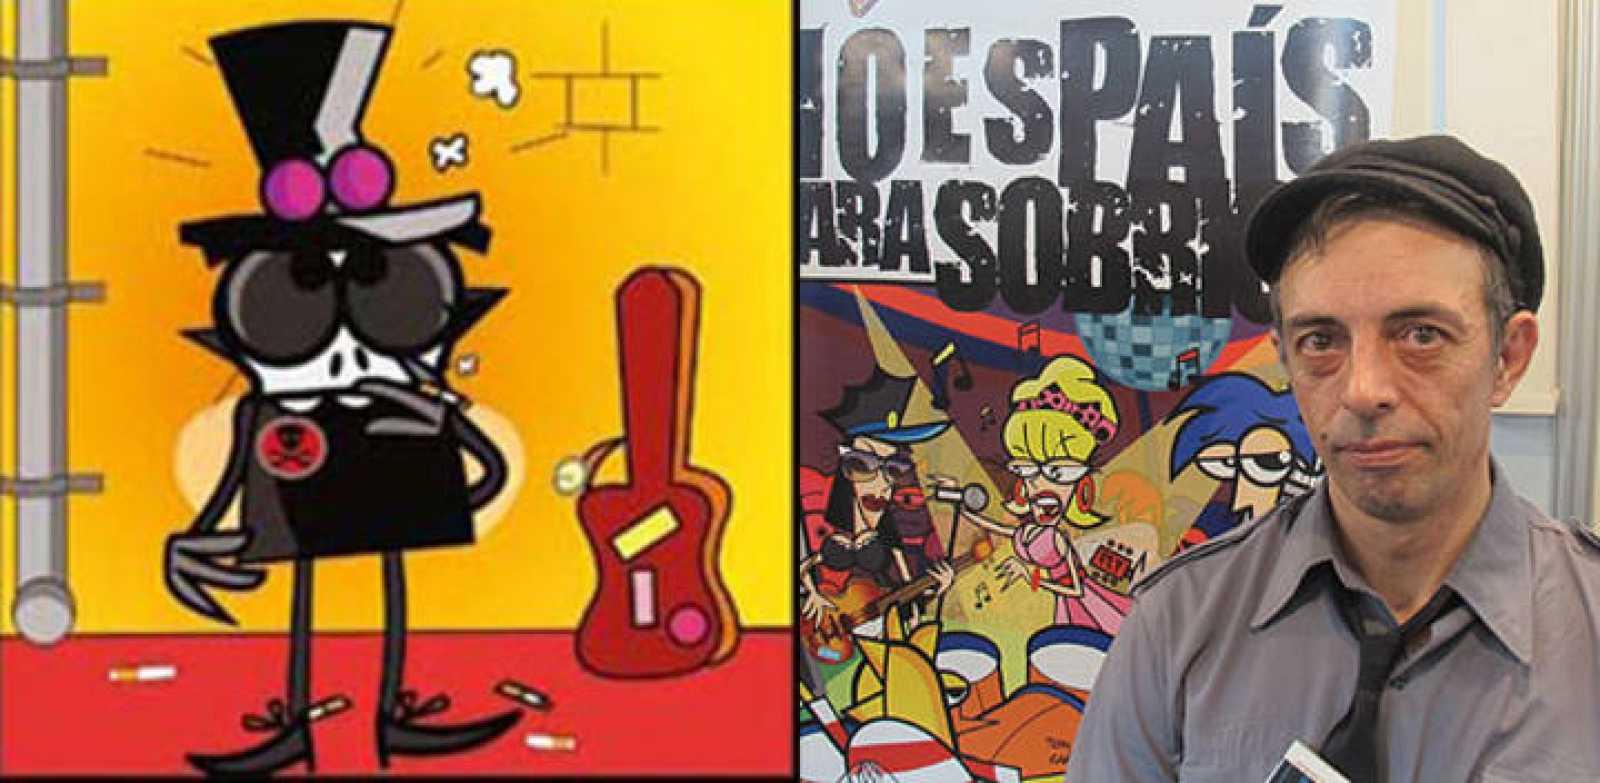 """Tony Marmota, bajista de """"La Unión"""" y líder del grupo The Flystones, en su versión """"mosqueada y humana"""""""